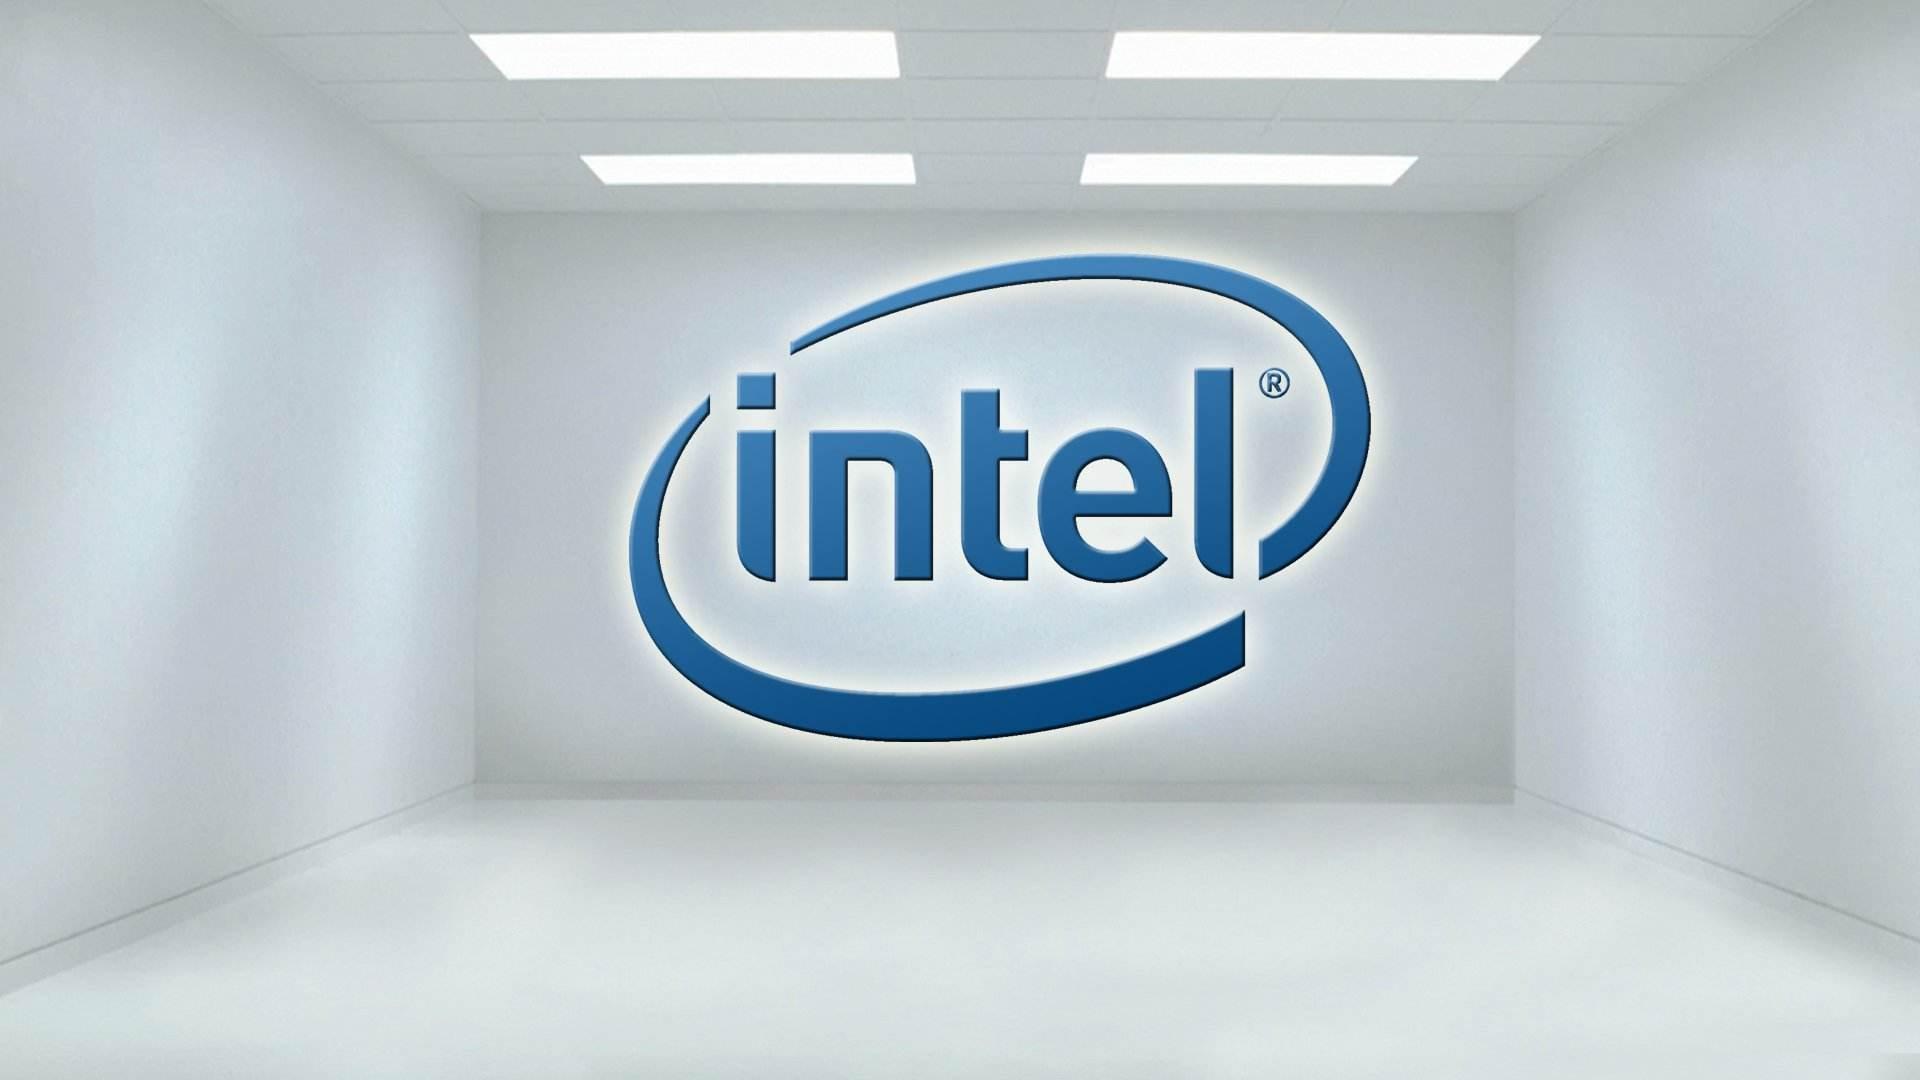 英特尔扩充FPGA可编程加速卡产品组合,加速数据中心计算!